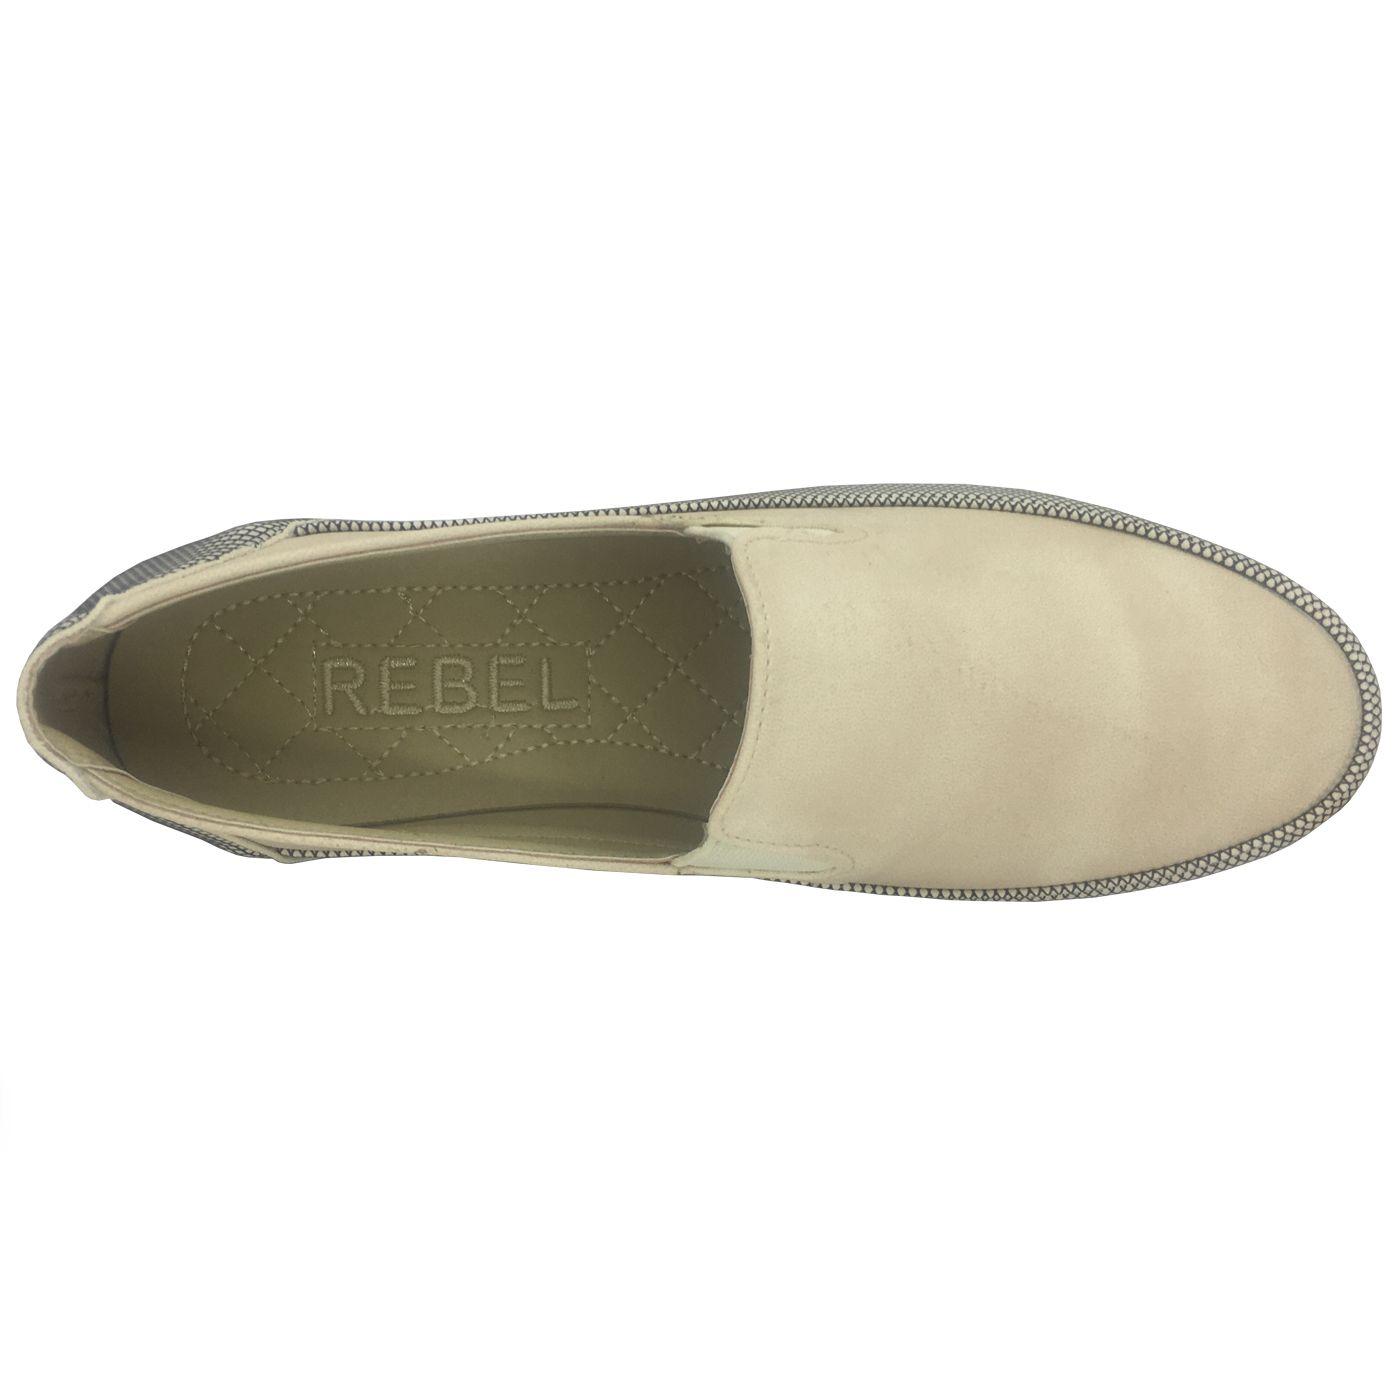 کفش روزمره زنانه ربل مدل RB-645 -  - 3